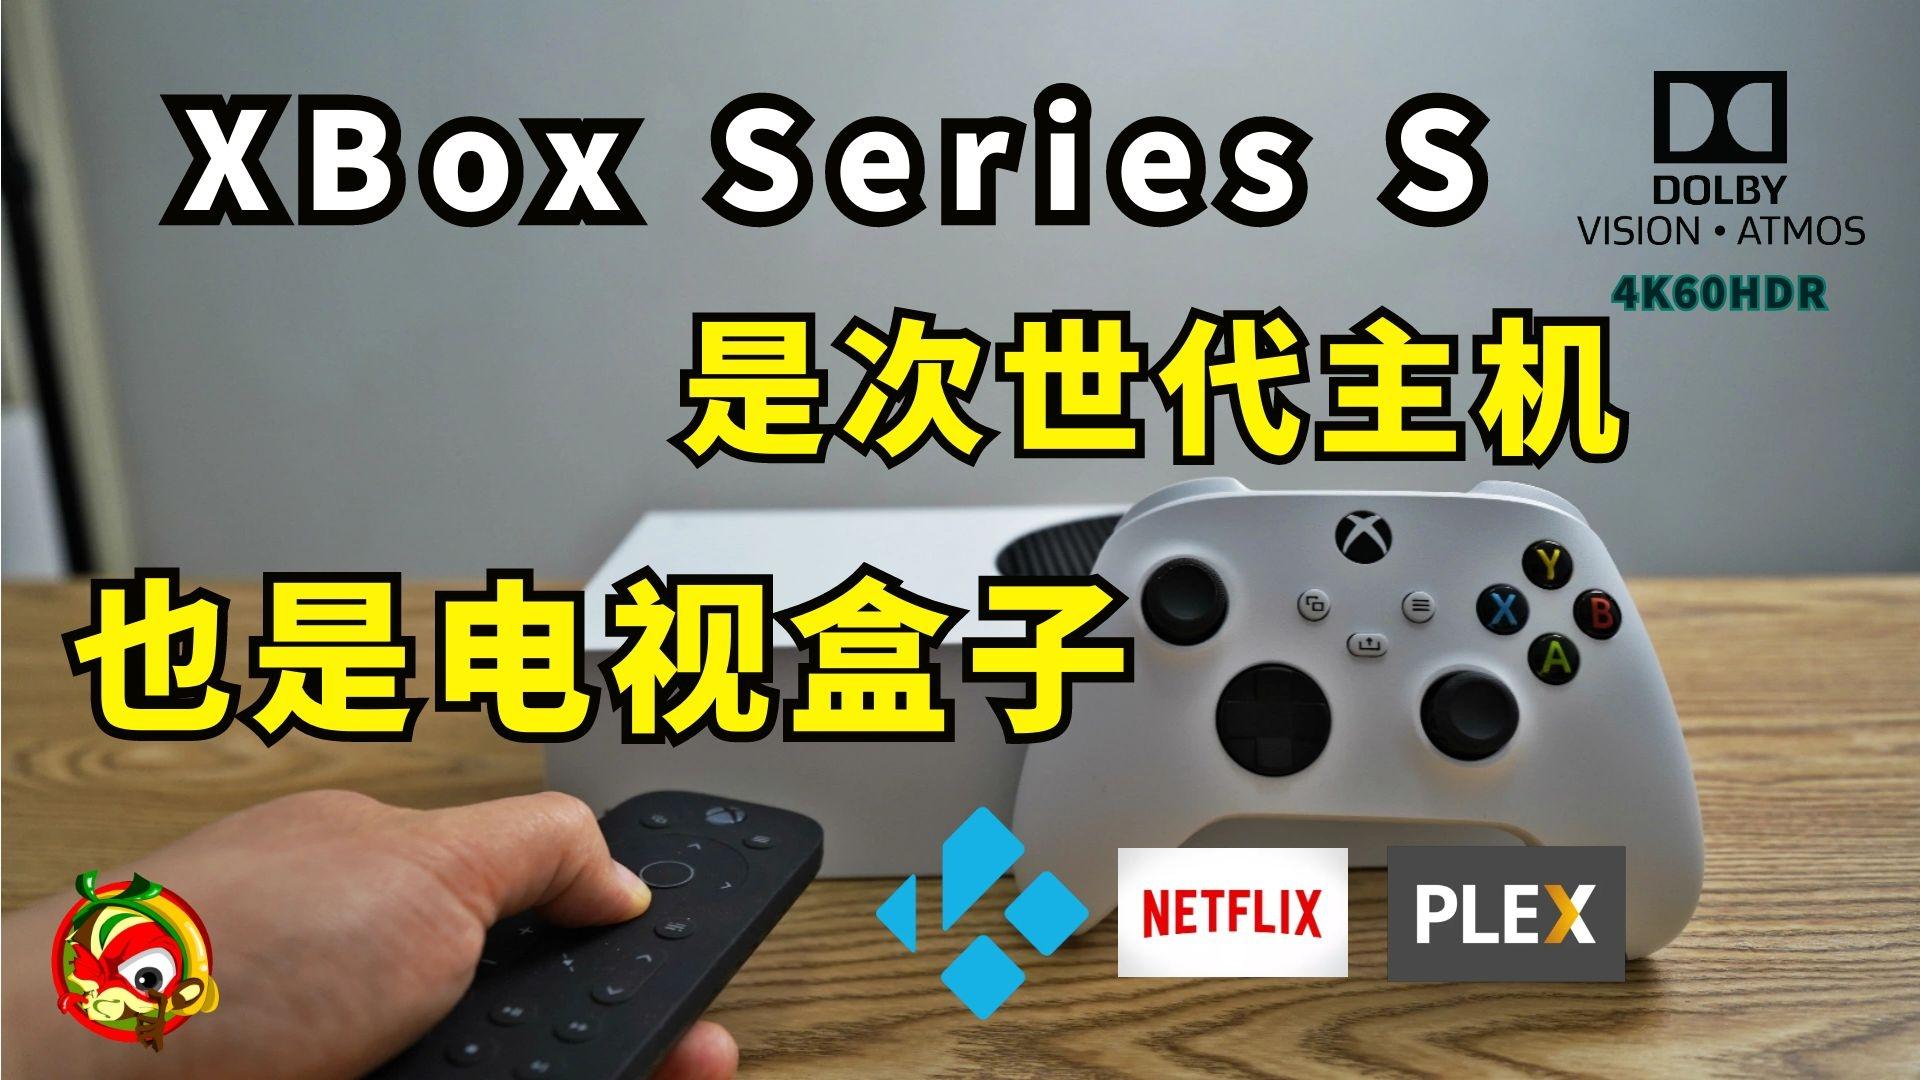 开箱XBOX Series S 次世代主机作为电视盒子是怎样一种体验 香不香你打几分